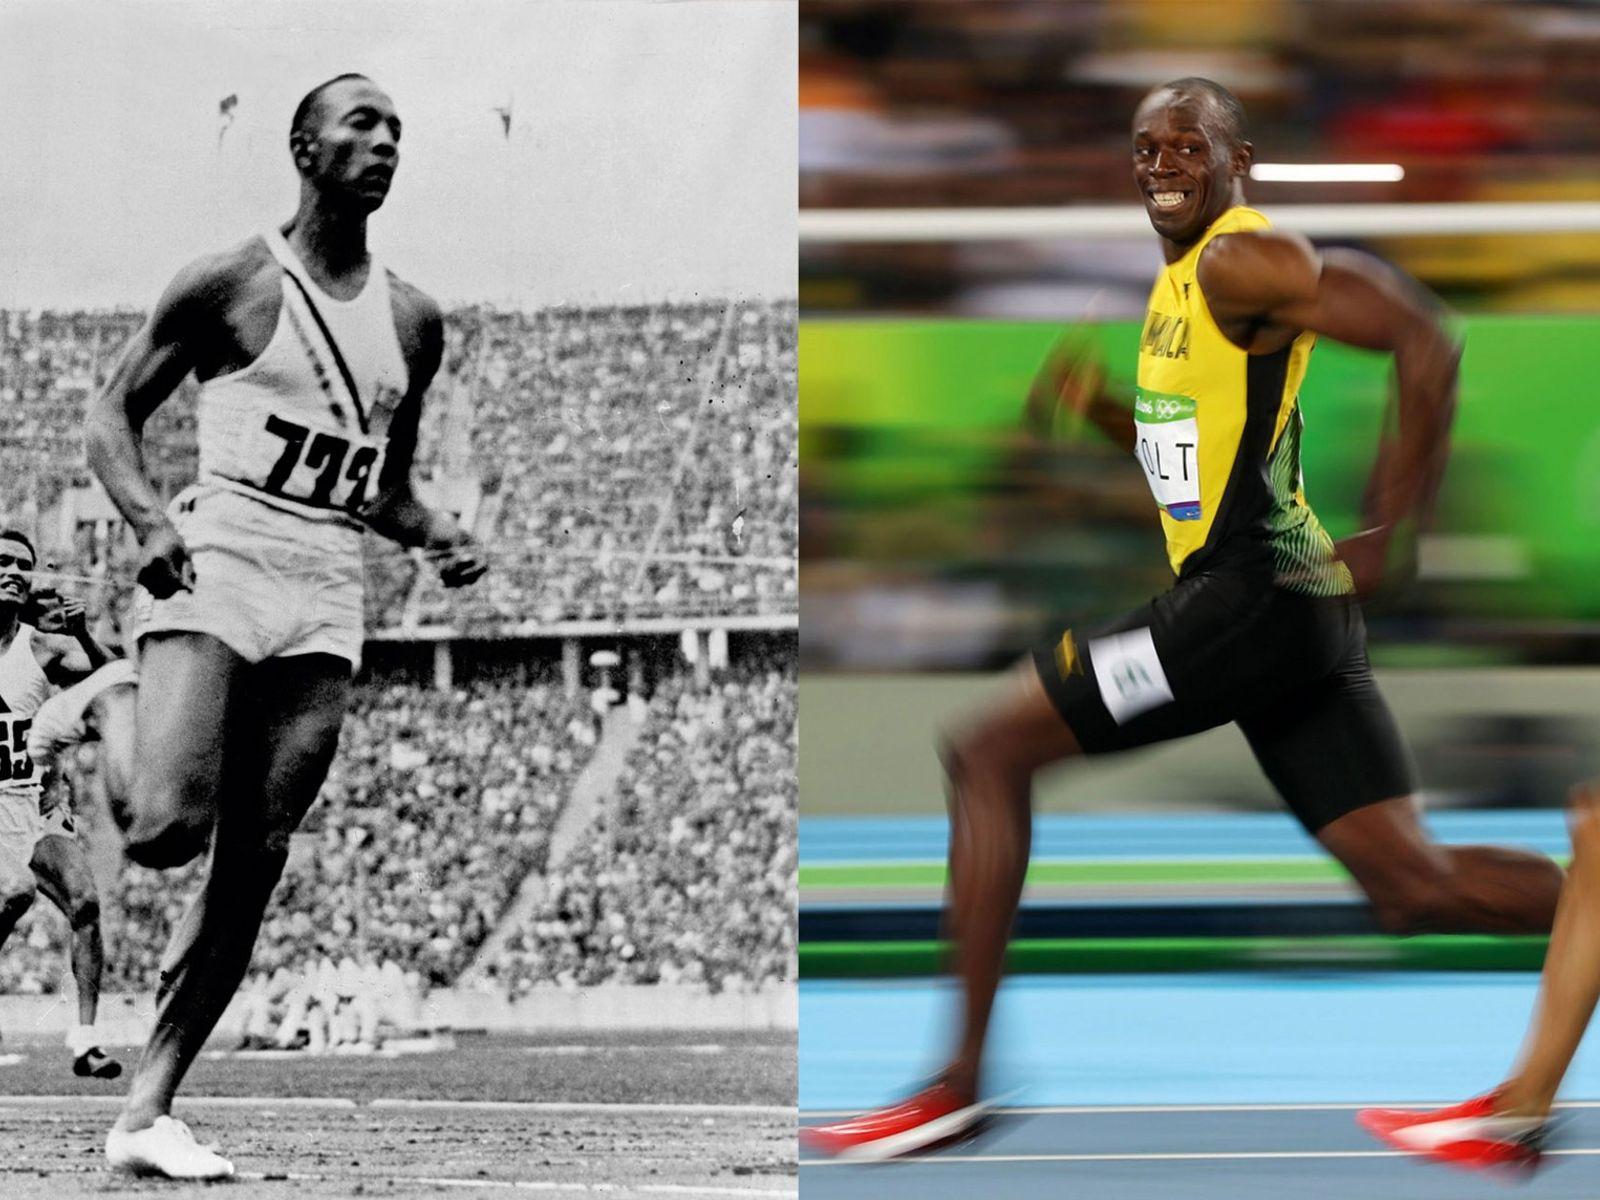 Jesse Owens (à gauche) remporta le 100 m en 10,3 s lors des JO de 1936. ...